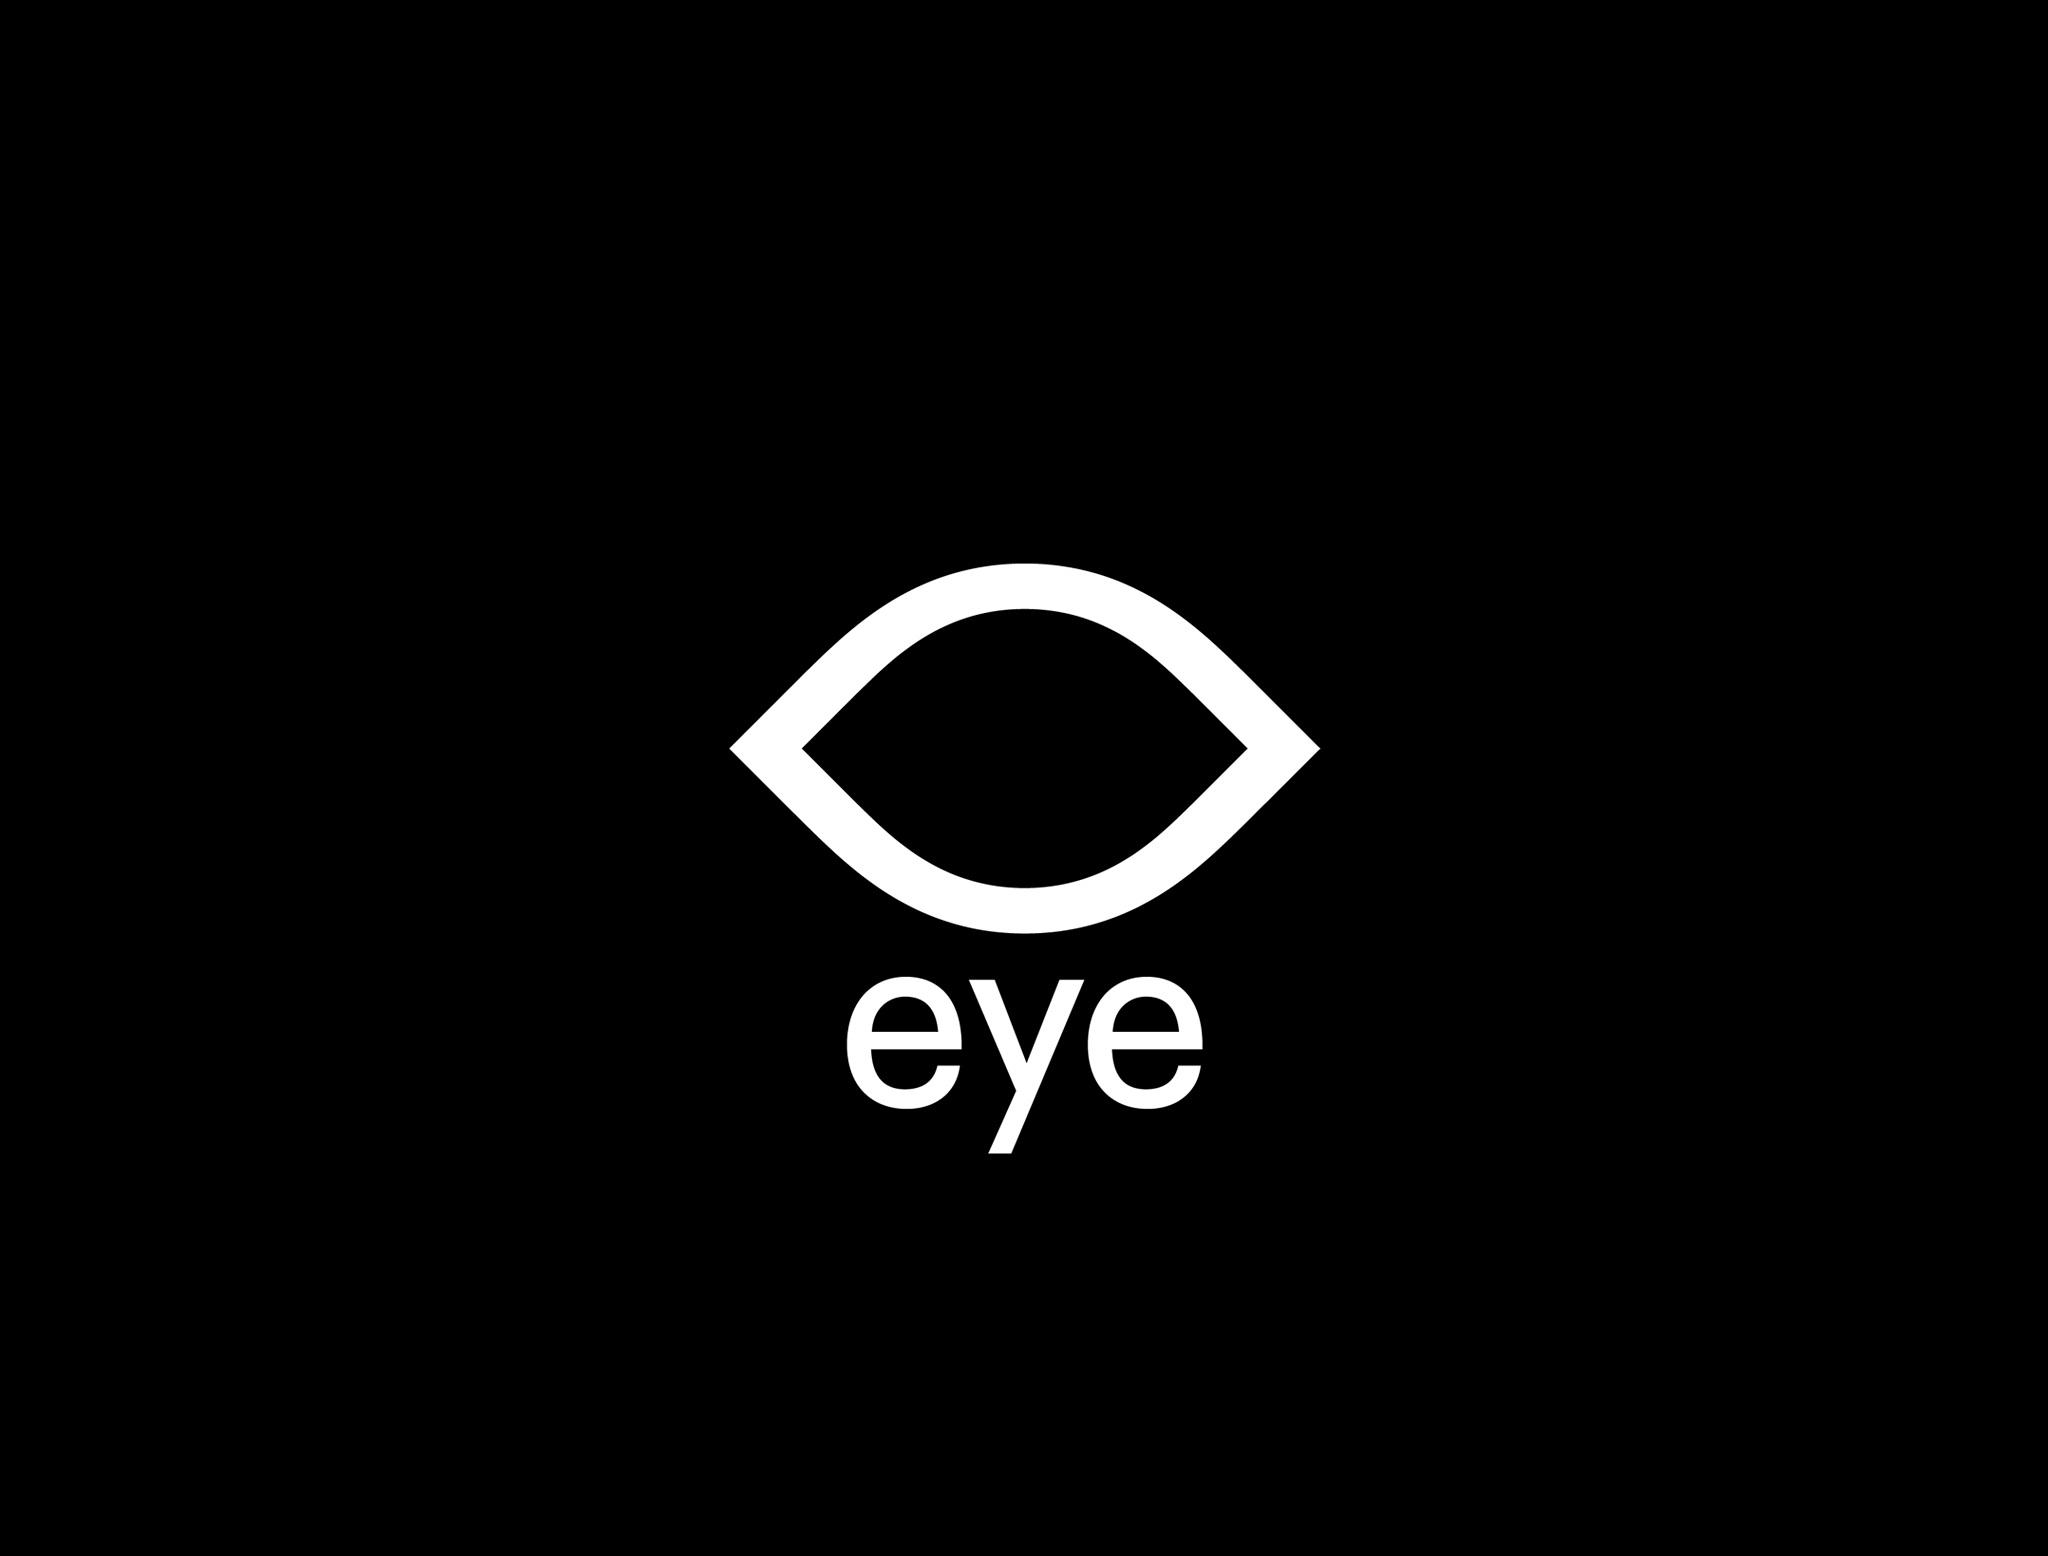 Eye_Logo_Screen_2048x1556_FINAL